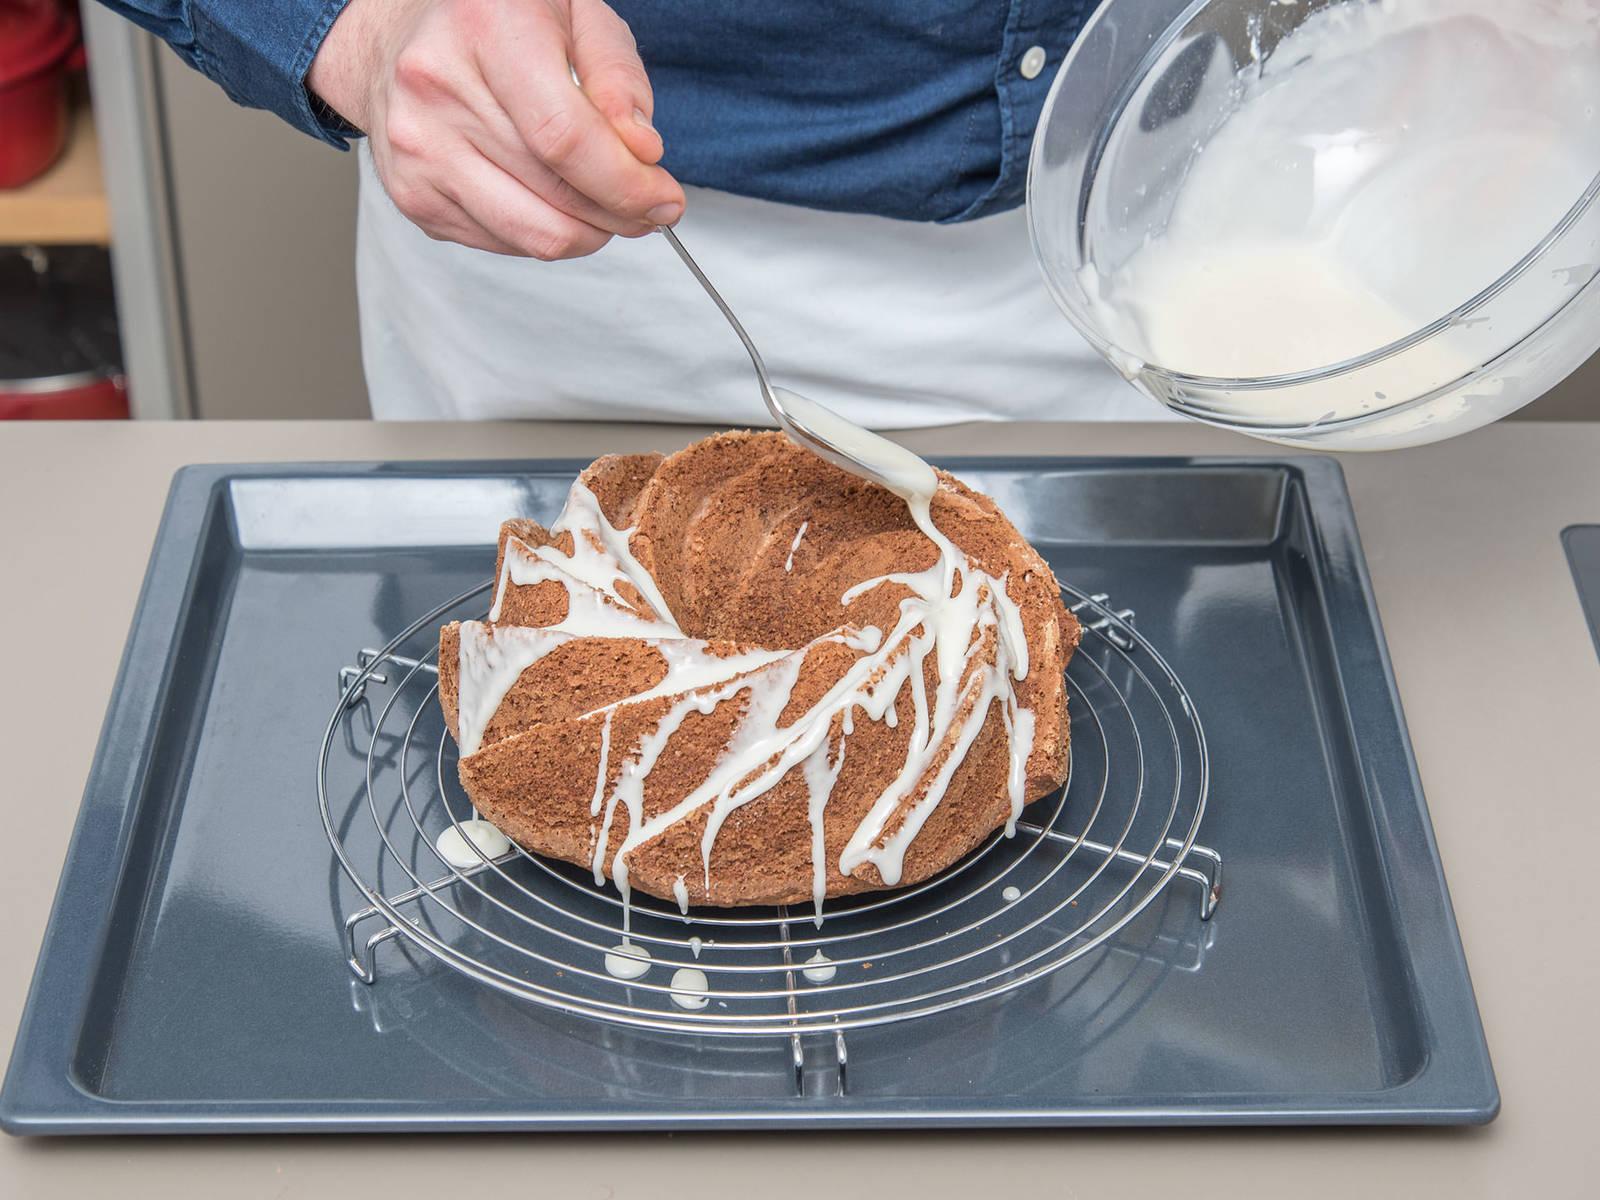 Für die Glasur braune Butter und Puderzucker verrühren. Schmand, restlichen Whiskey und Salz dazugeben und glatt rühren. Den abgekühlten Kuchen aus der Form stürzen und die Glasur darüber verteilen. Guten Appetit!